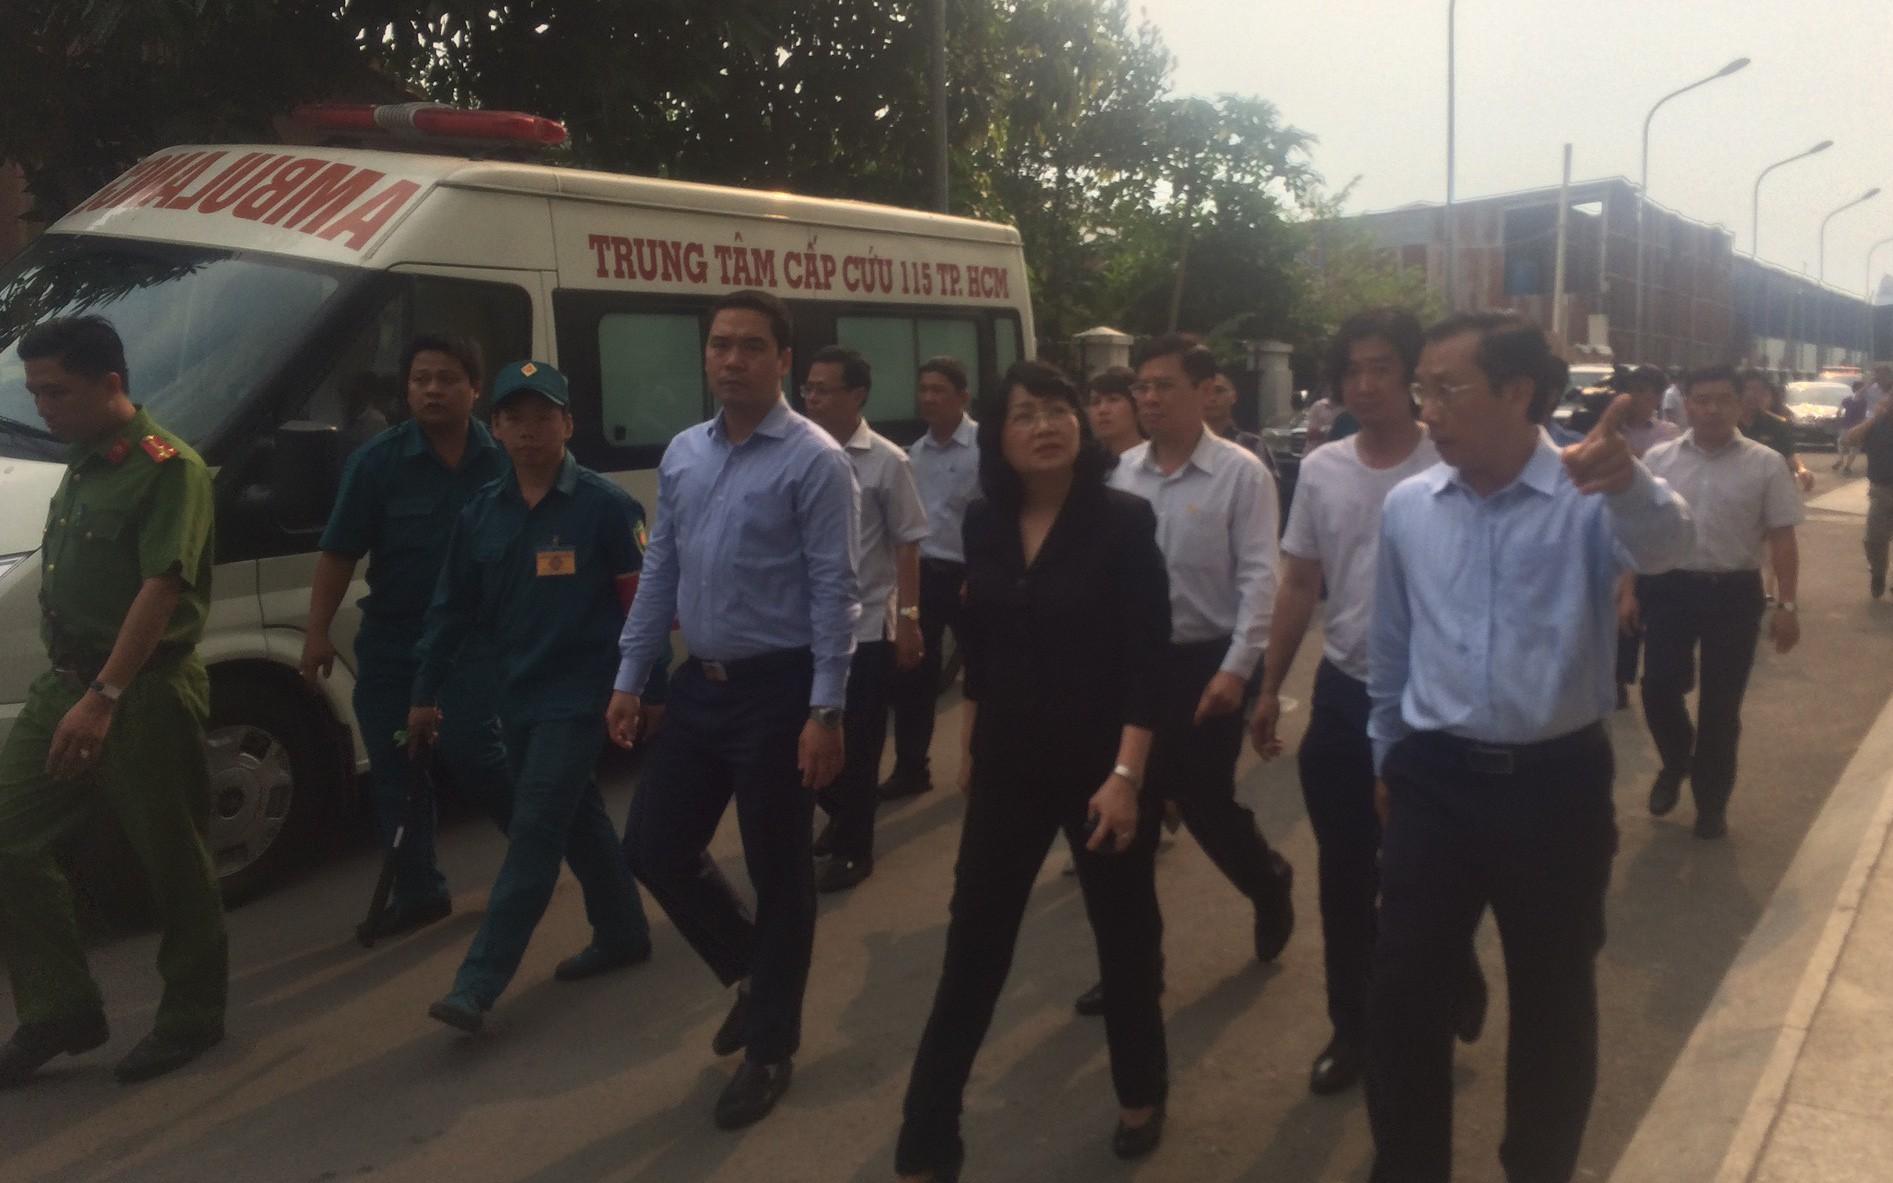 Phó Chủ tịch nước Đặng Thị Ngọc Thịnh thăm cư dân Carina sau vụ hỏa hoạn